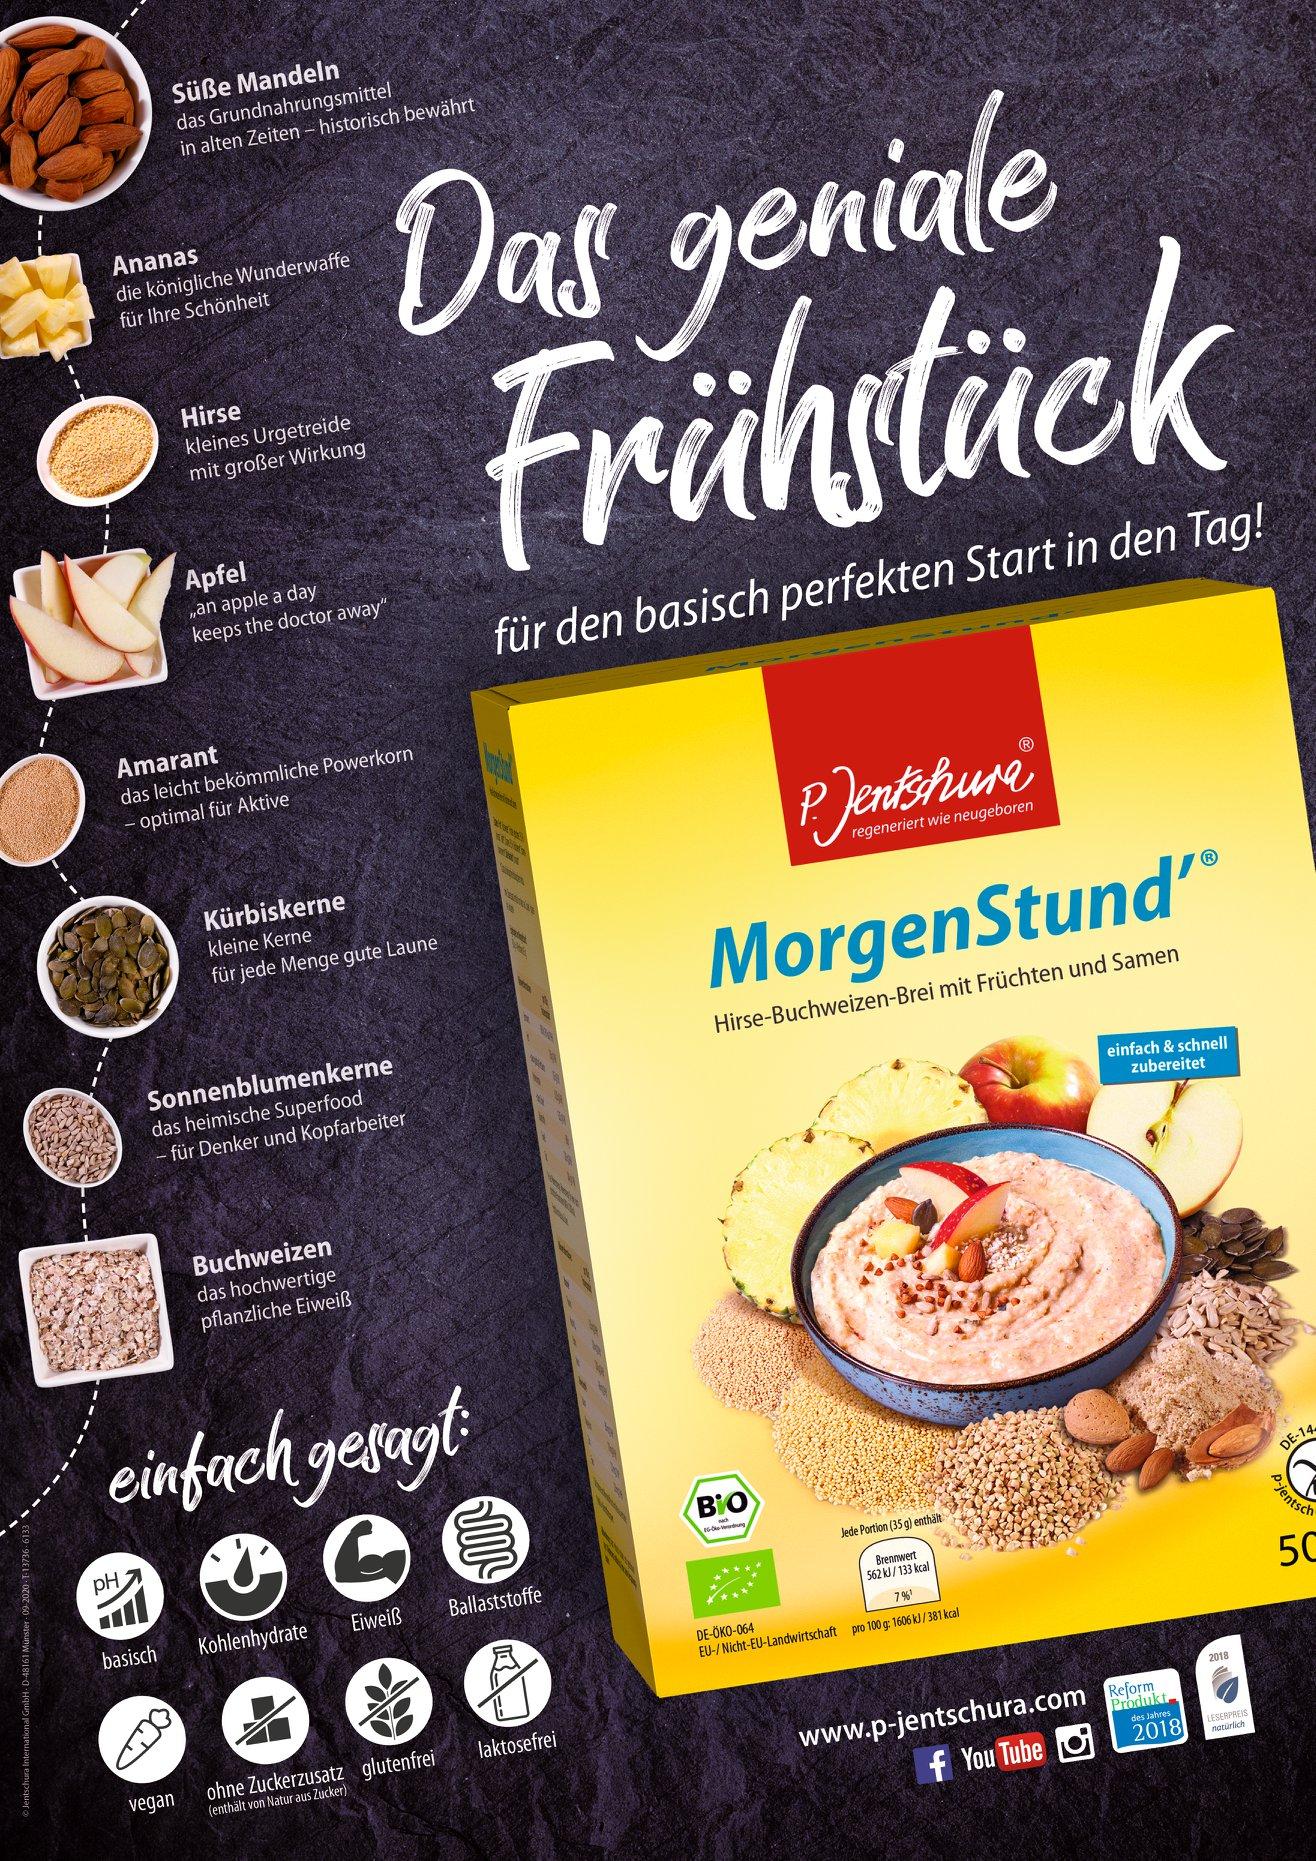 Morgenstund Frühstücksbrei P.Jentschura